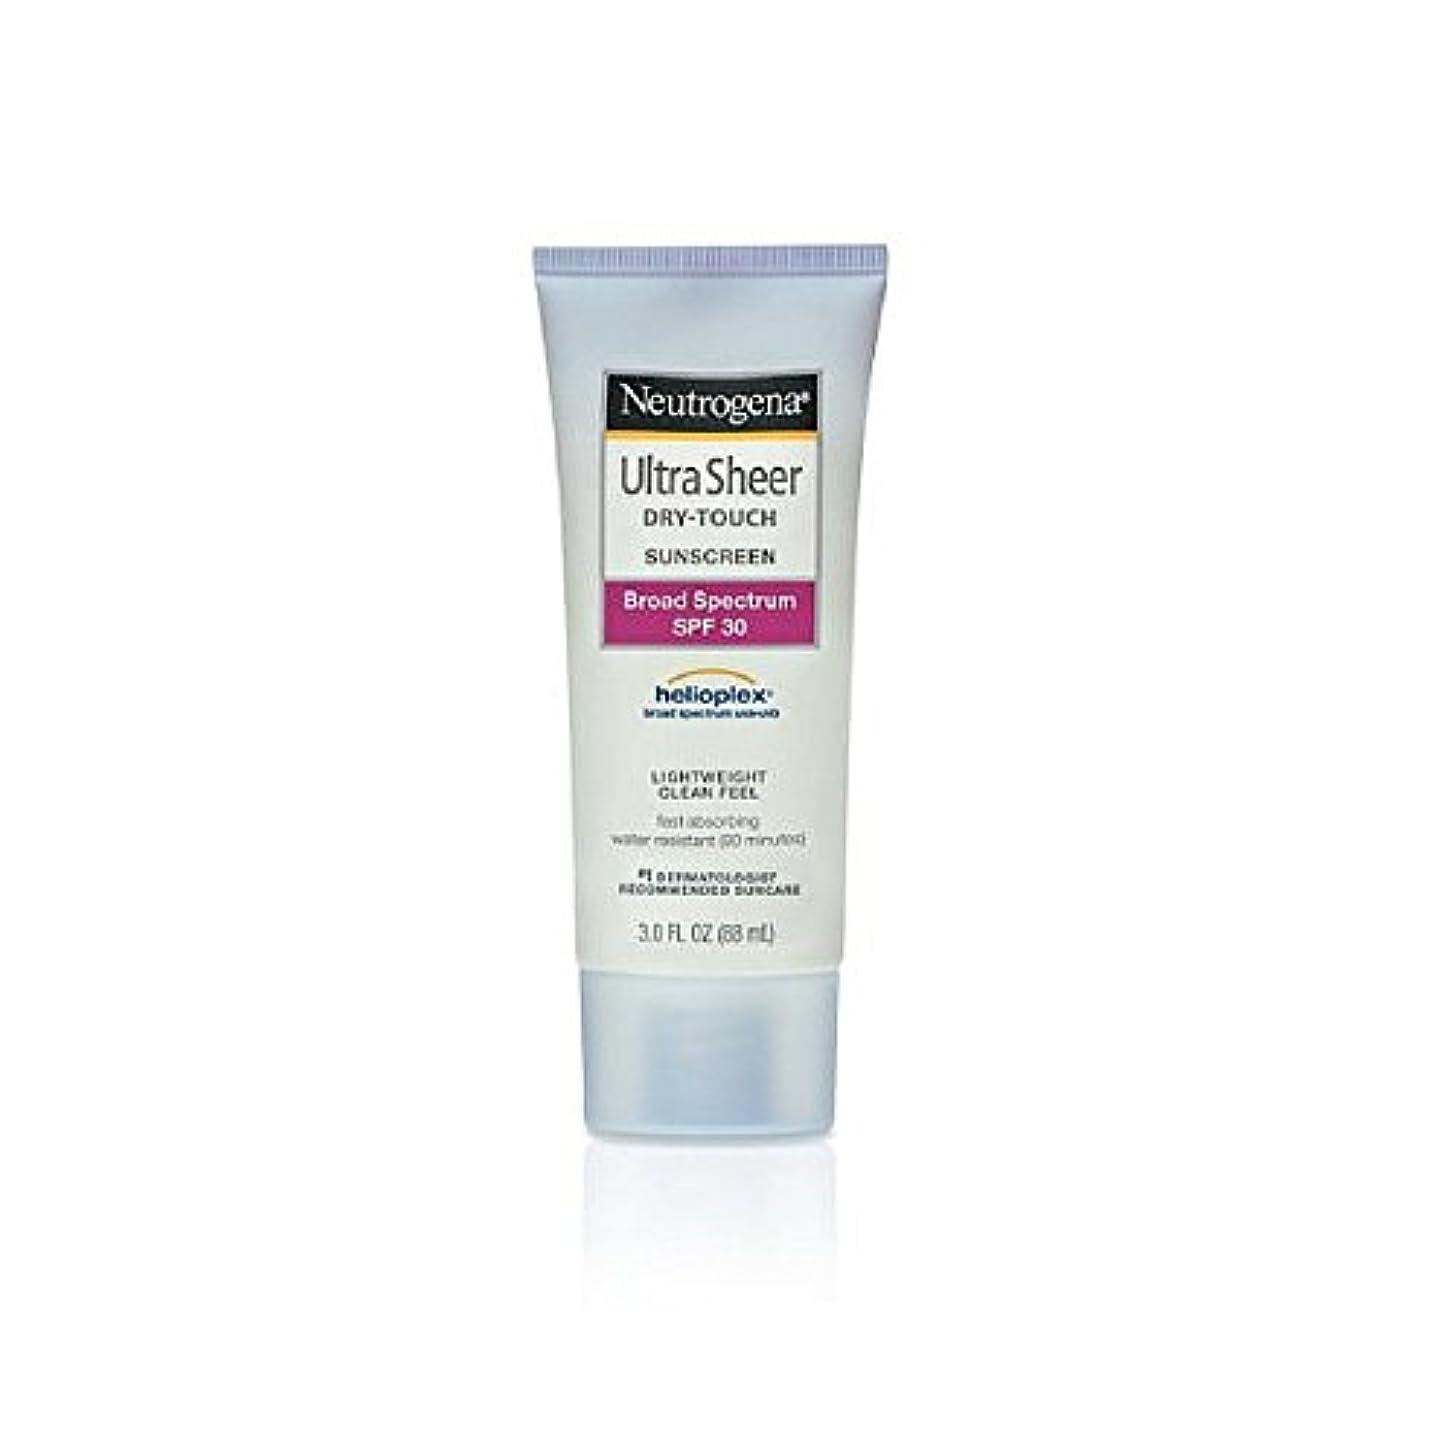 物理学者クリア配置Neutrogena Ultra Sheer Sunblock Dry Touch SPF 30 (並行輸入品)